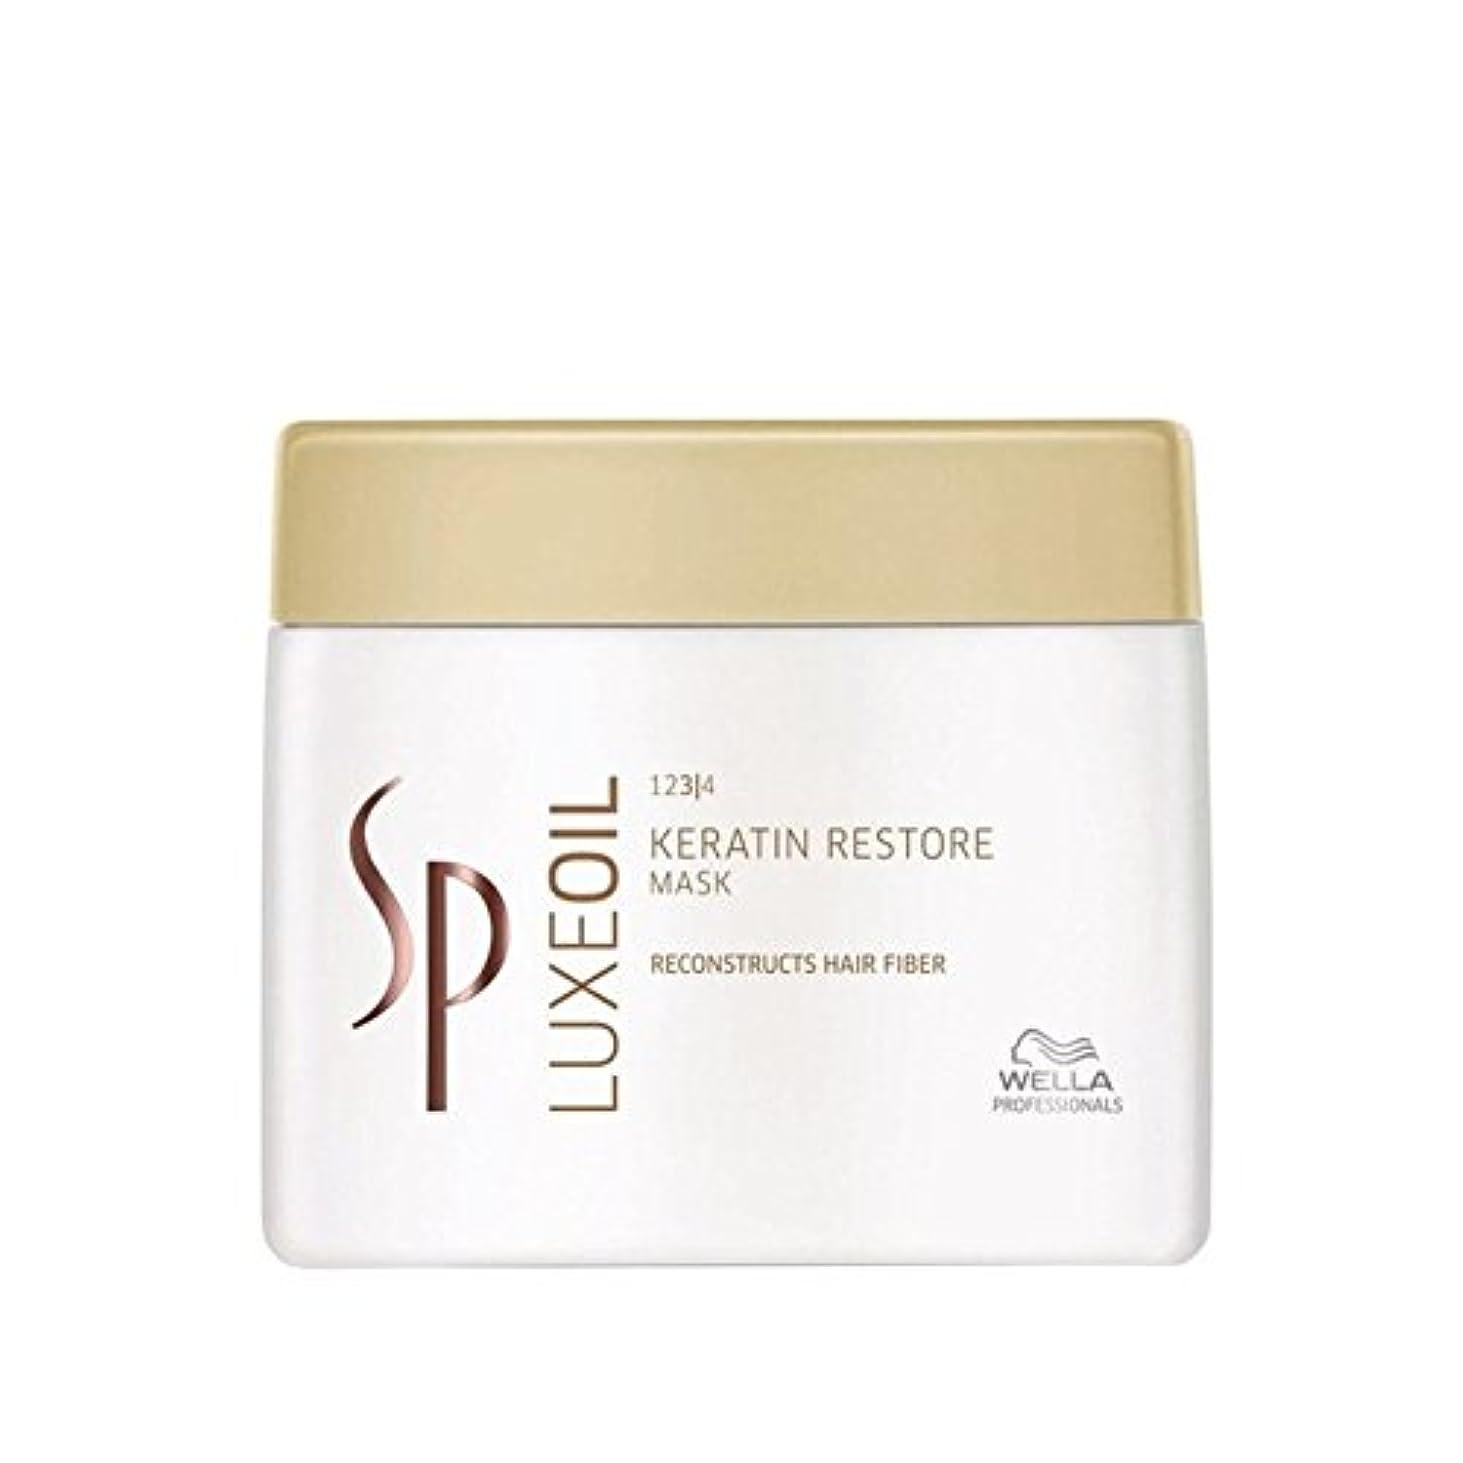 ウエラ ケラチン髪のマスクを復元(400ミリリットル) x2 - Wella Sp Luxeoil Keratin Restore Hair Mask (400ml) (Pack of 2) [並行輸入品]